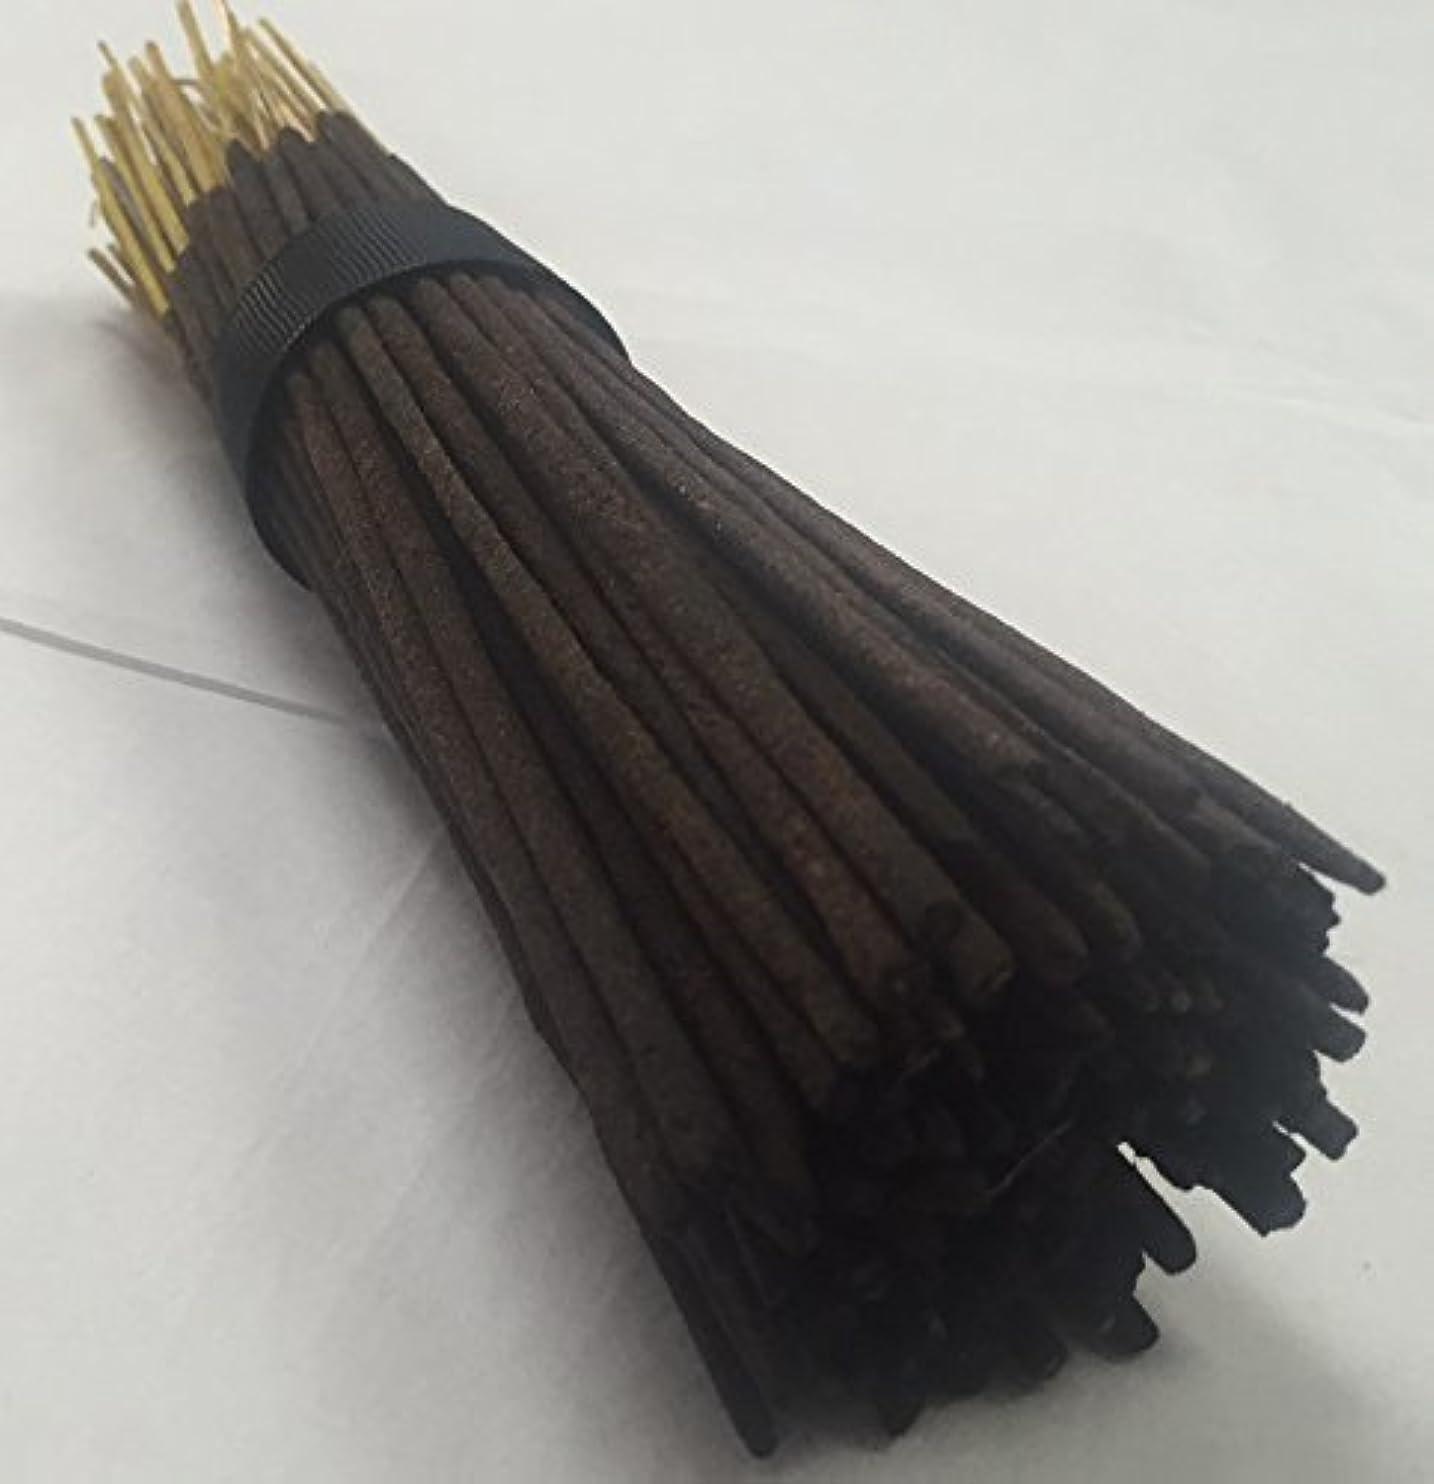 確保する名義でインカ帝国Incense Sticks 100バルクパック – ラベンダー